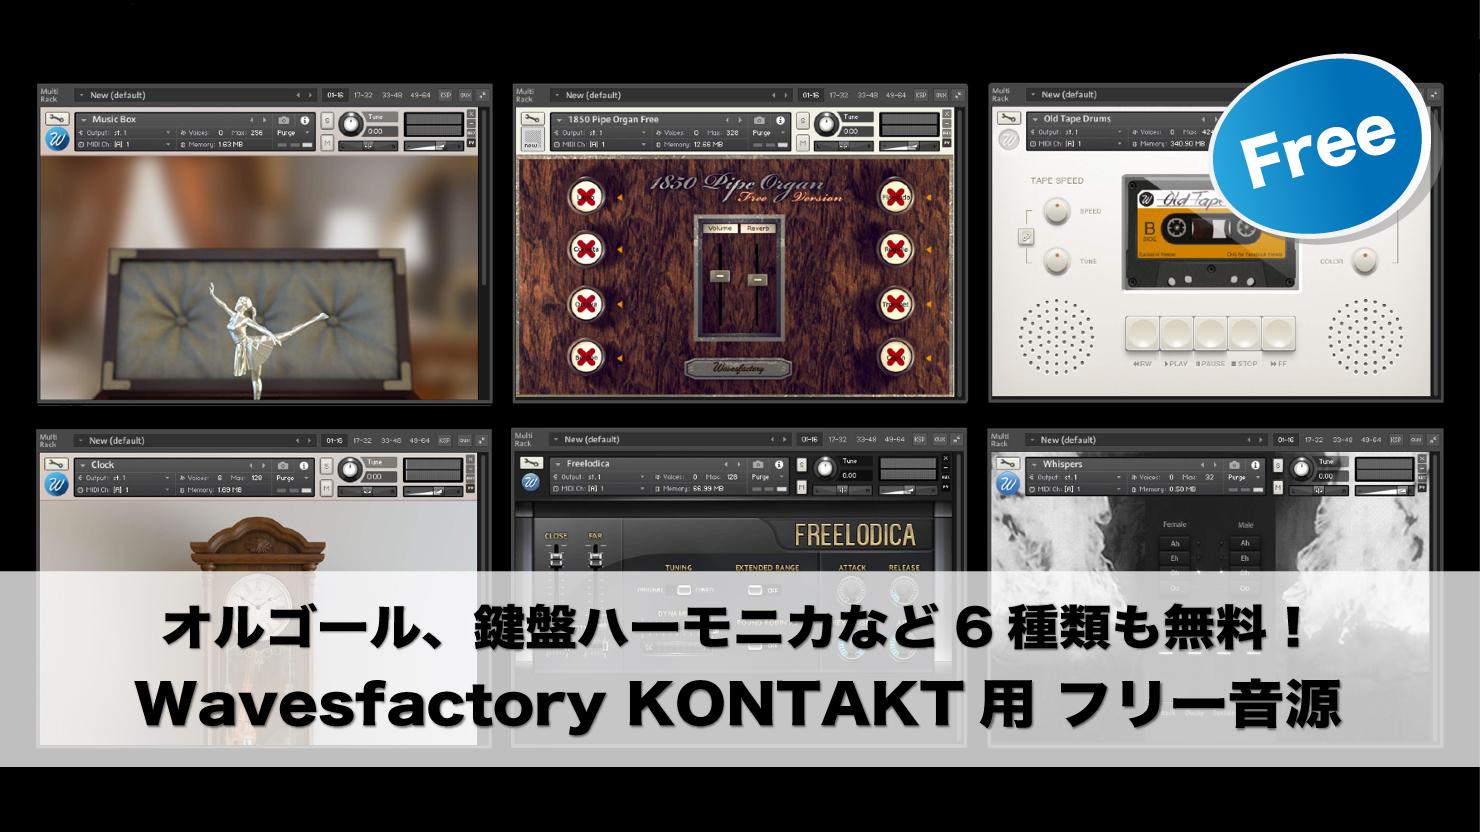 鍵盤ハーモニカサウンドなど、6種類も無料!Wavesfactory KONTAKT用 フリー音源